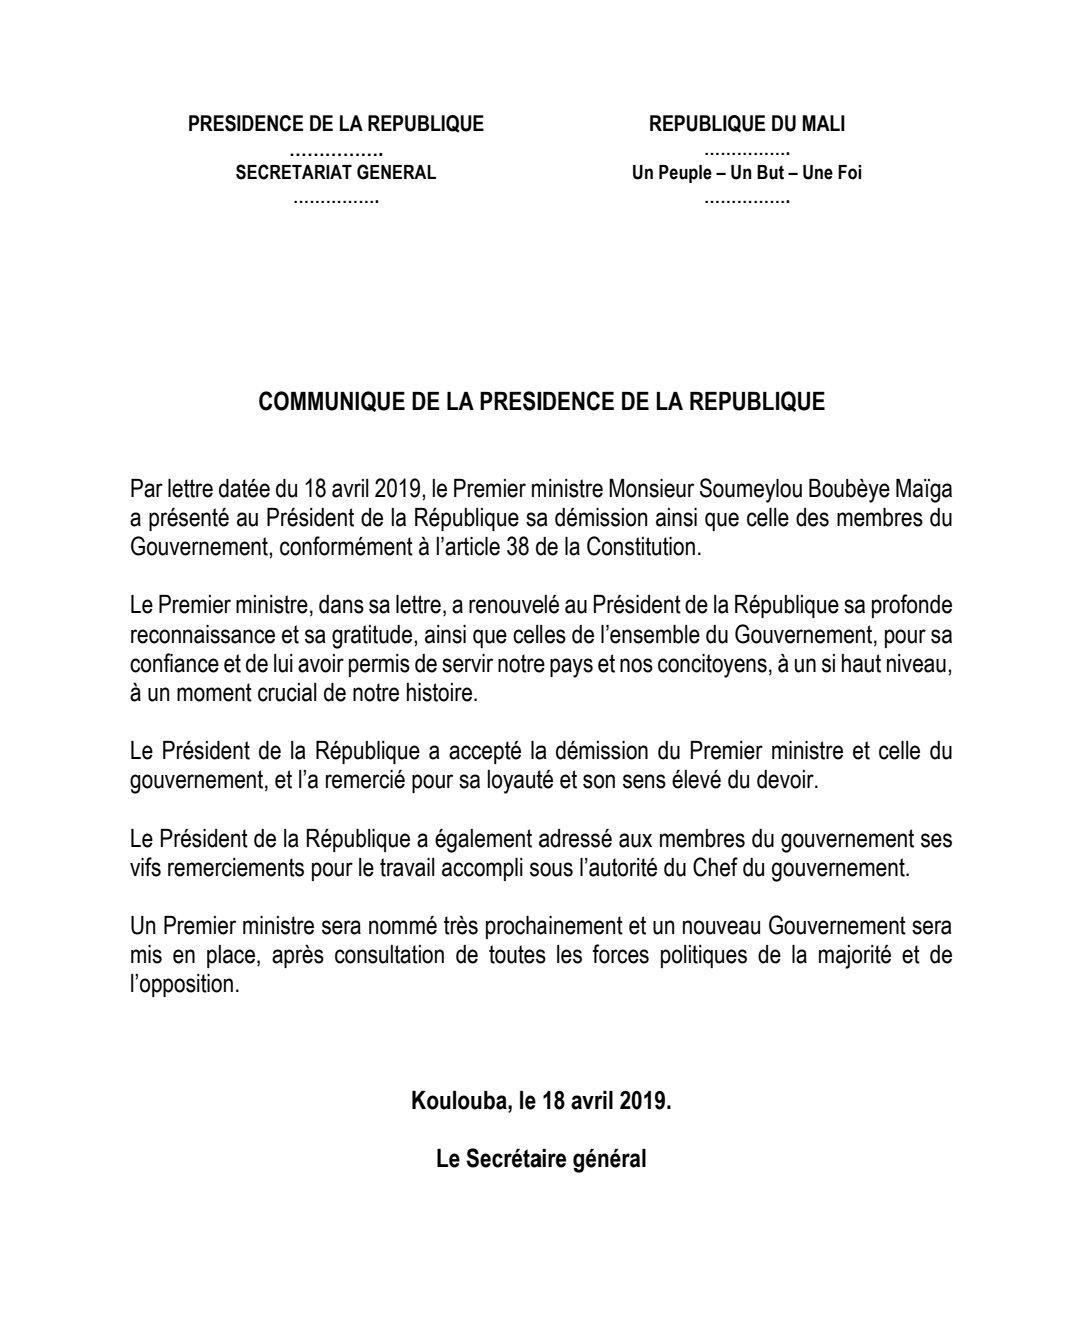 Presidence Mali On Twitter Par Lettre Datée Du 18 Avril